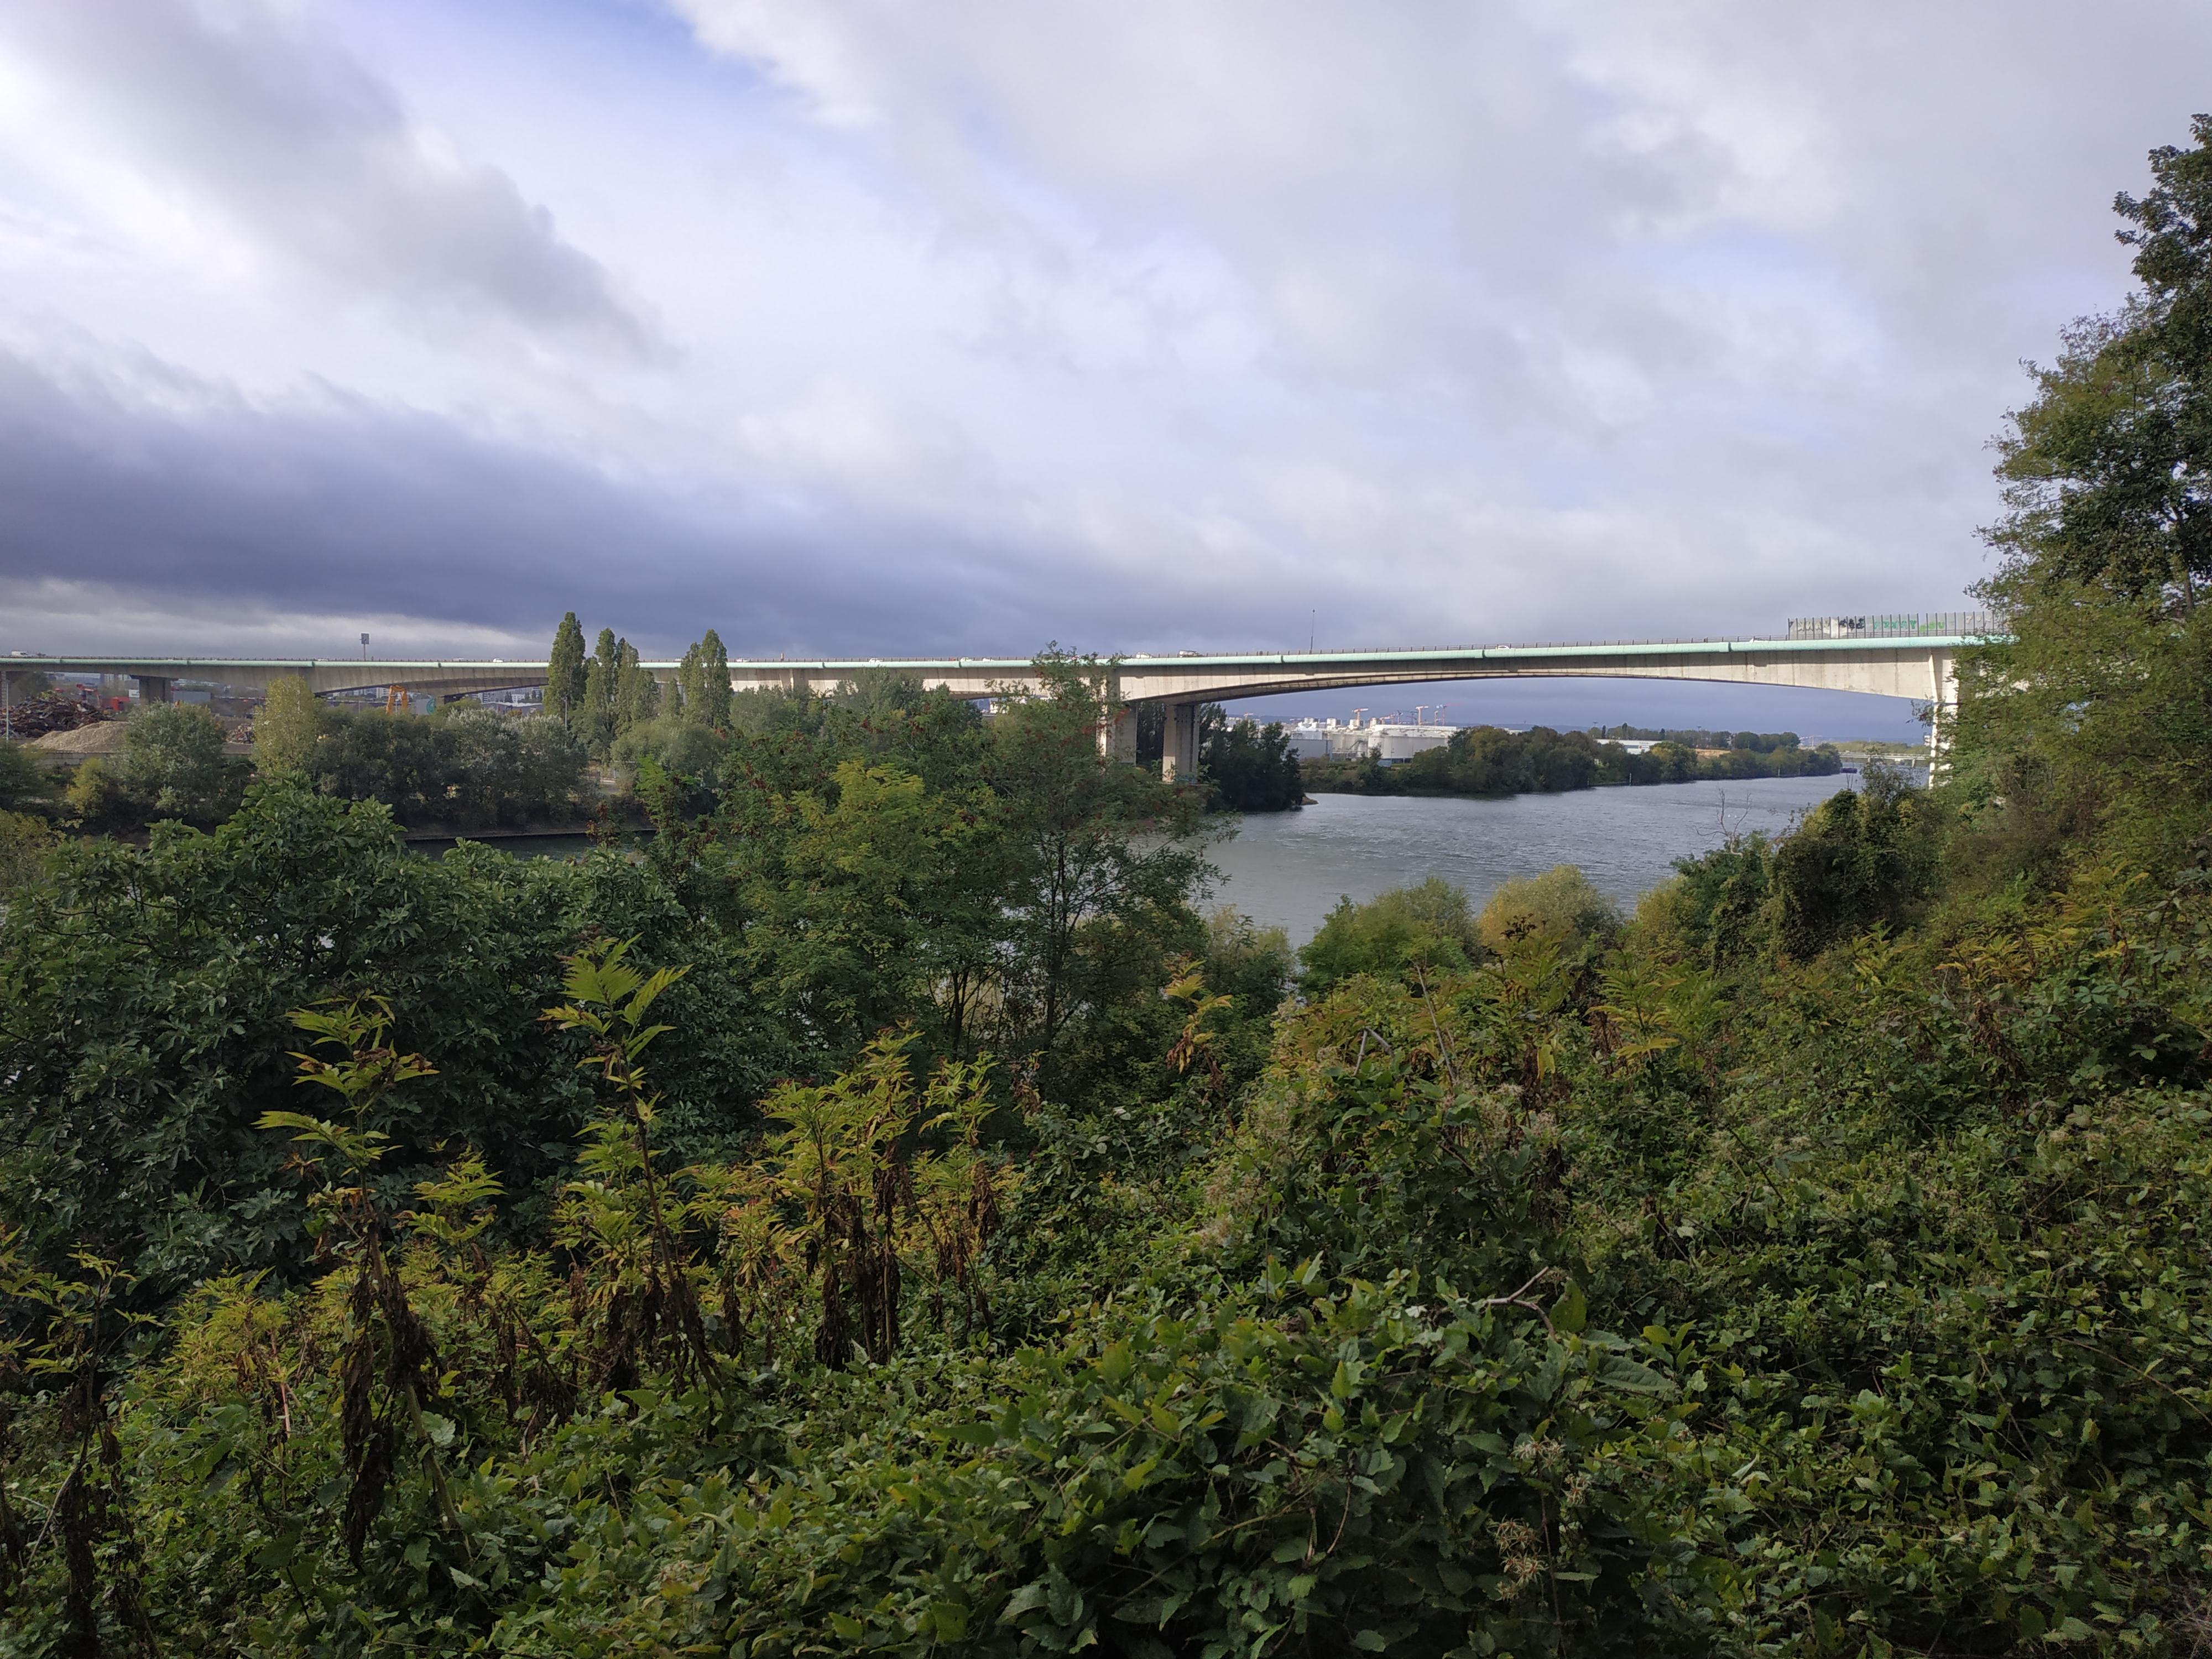 Les cités-jardins en automne / Cité-rando Epinay-Gennevilliers